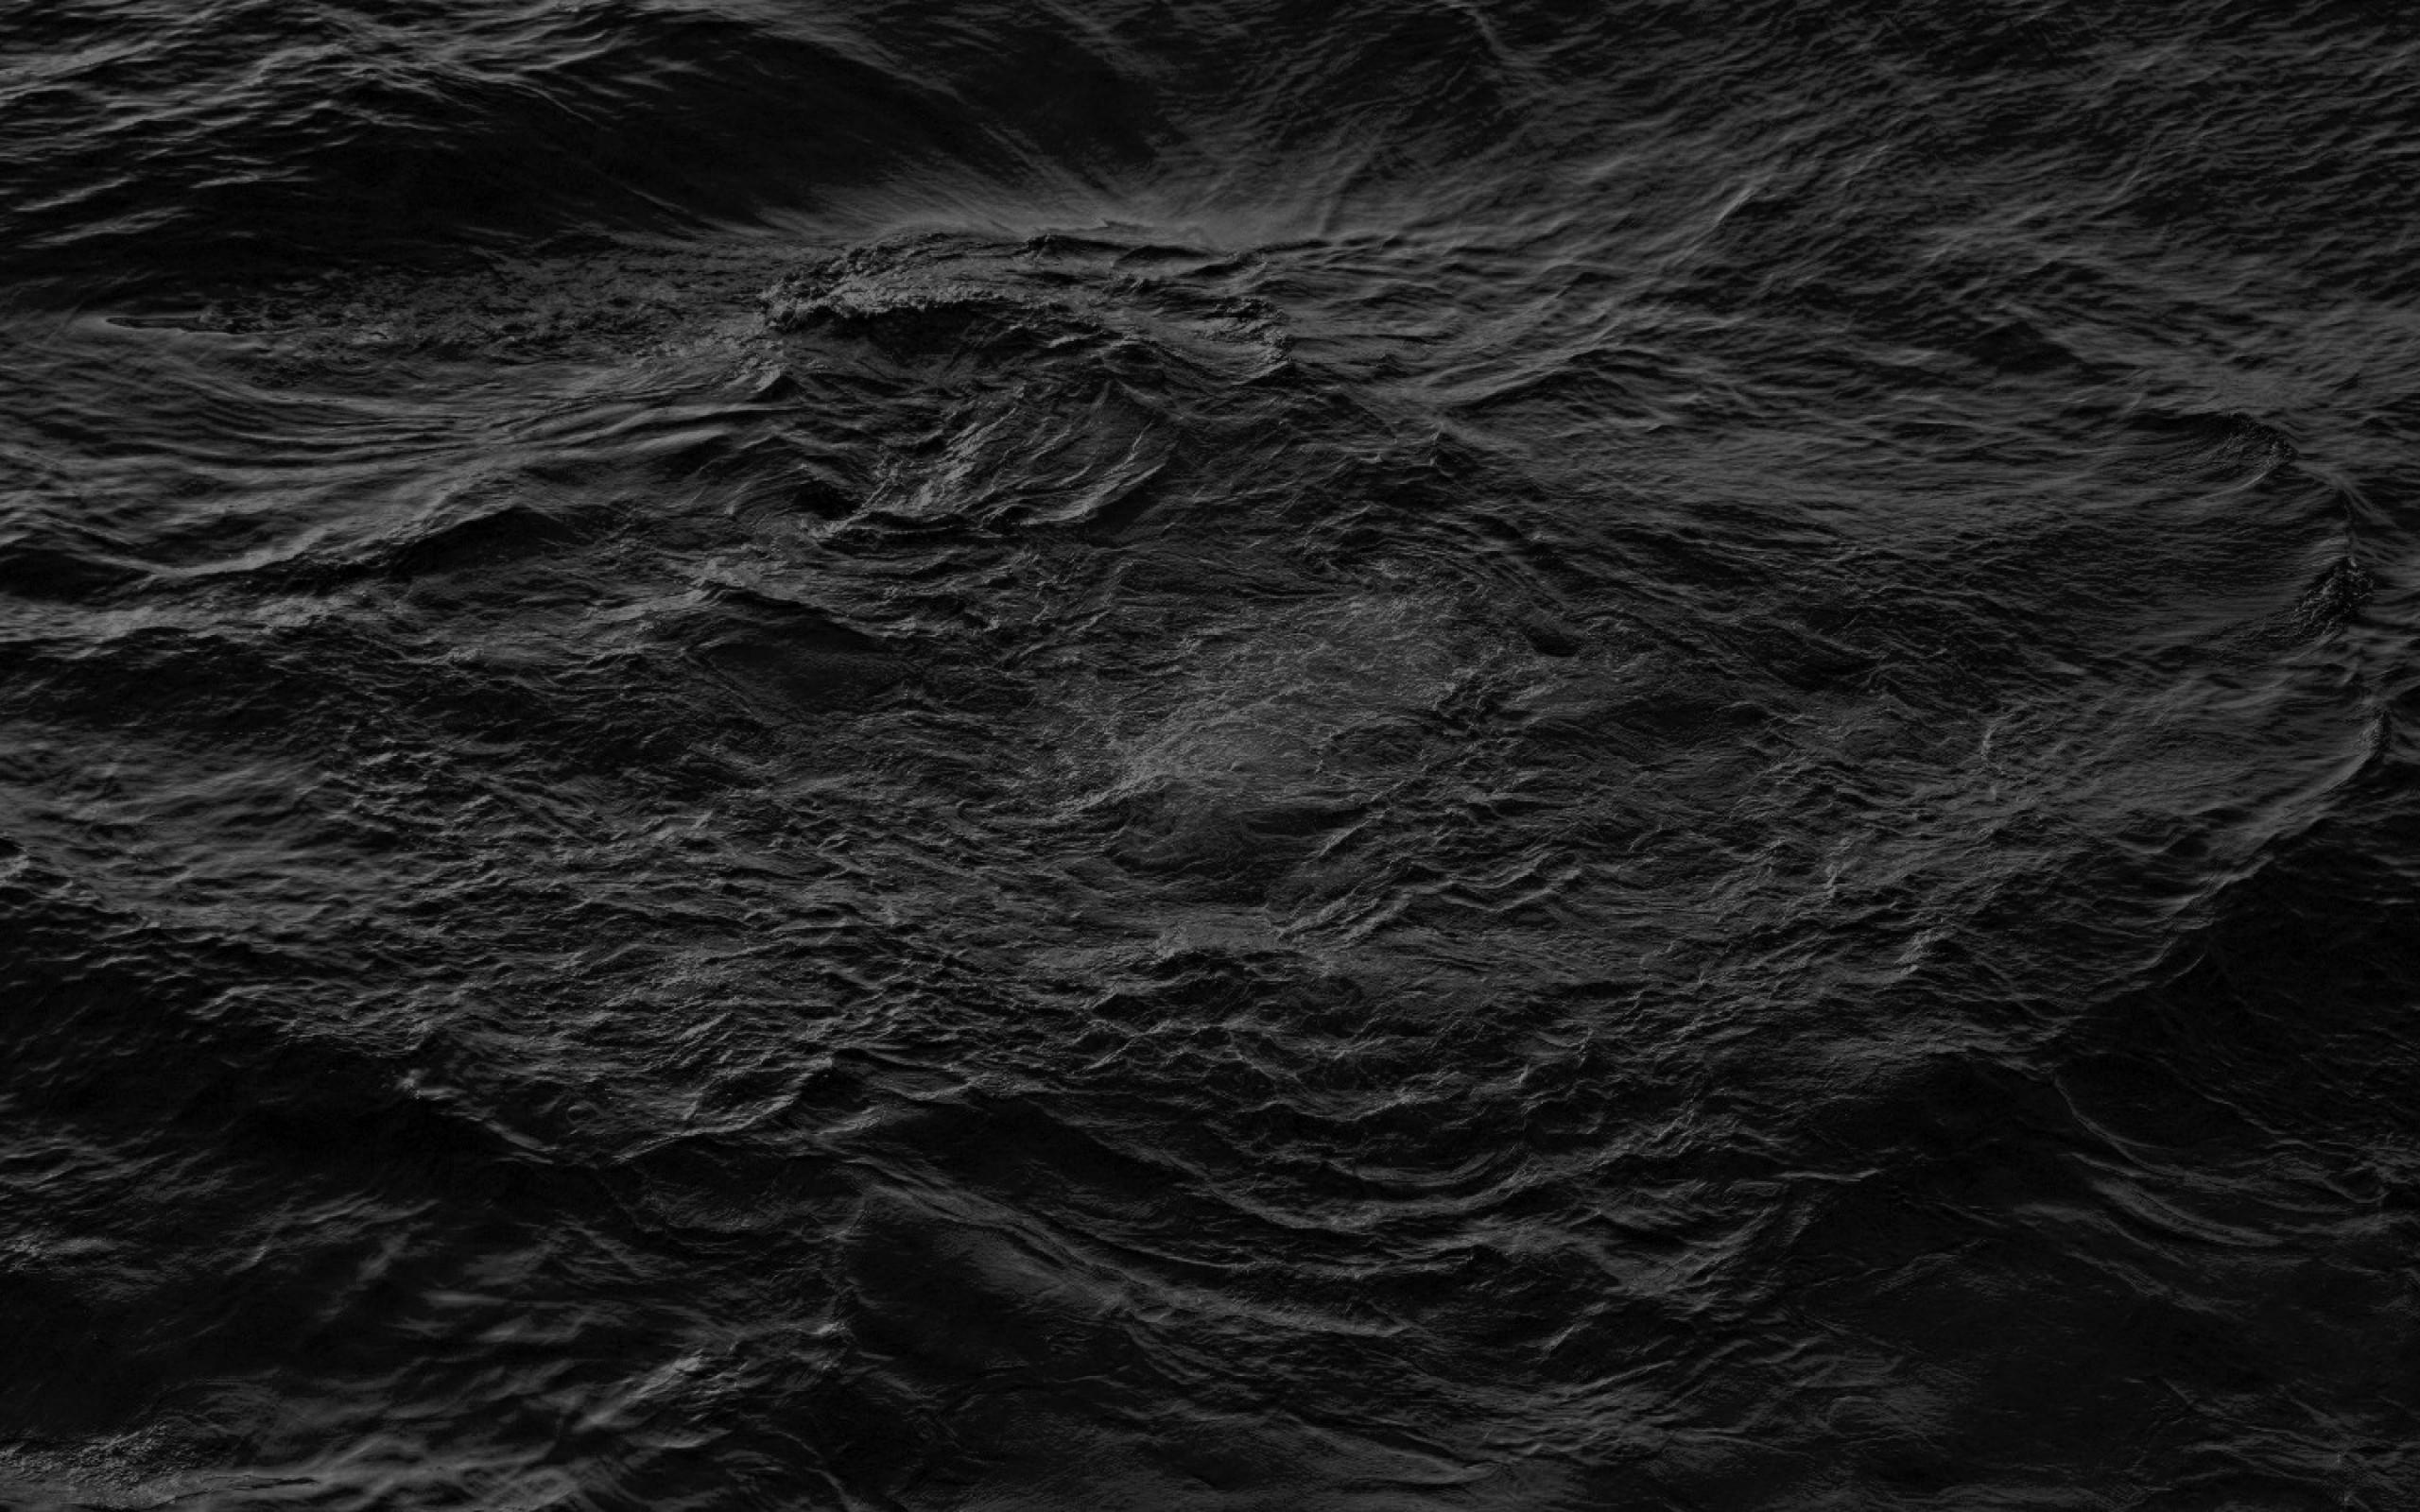 water ocean Black Sea Wallpapers 2560x1600